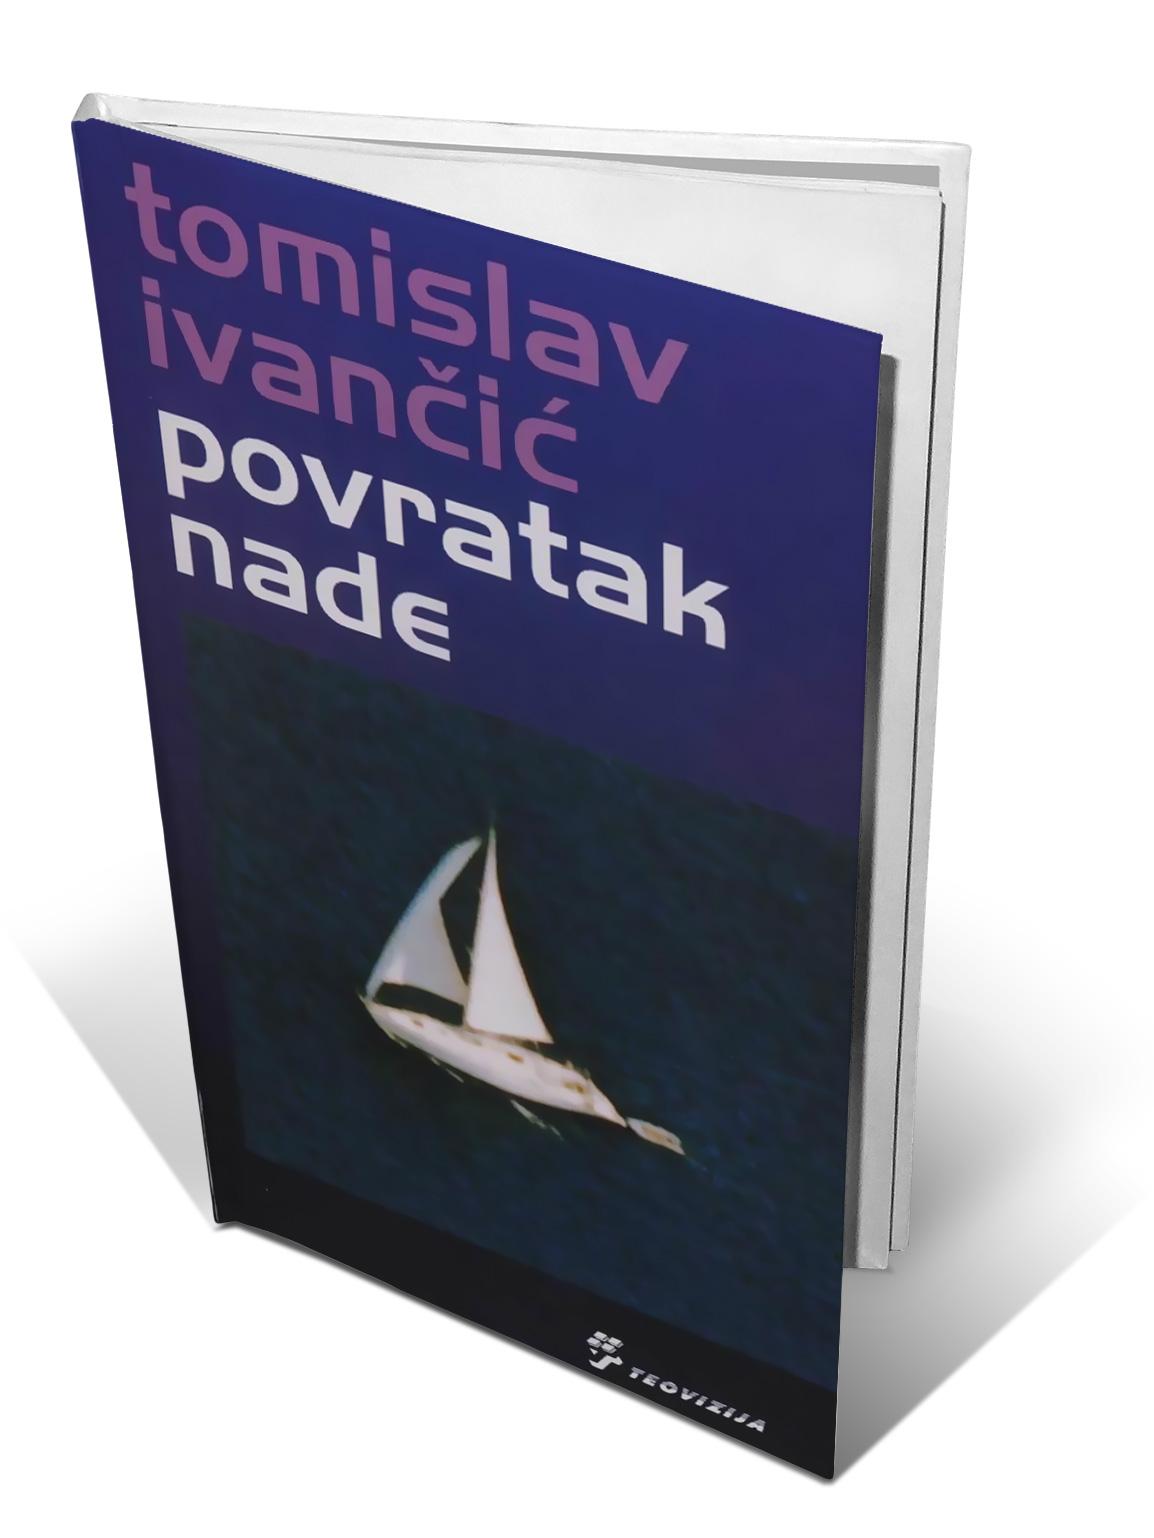 POVRATAK NADE - Tomislav Ivančić